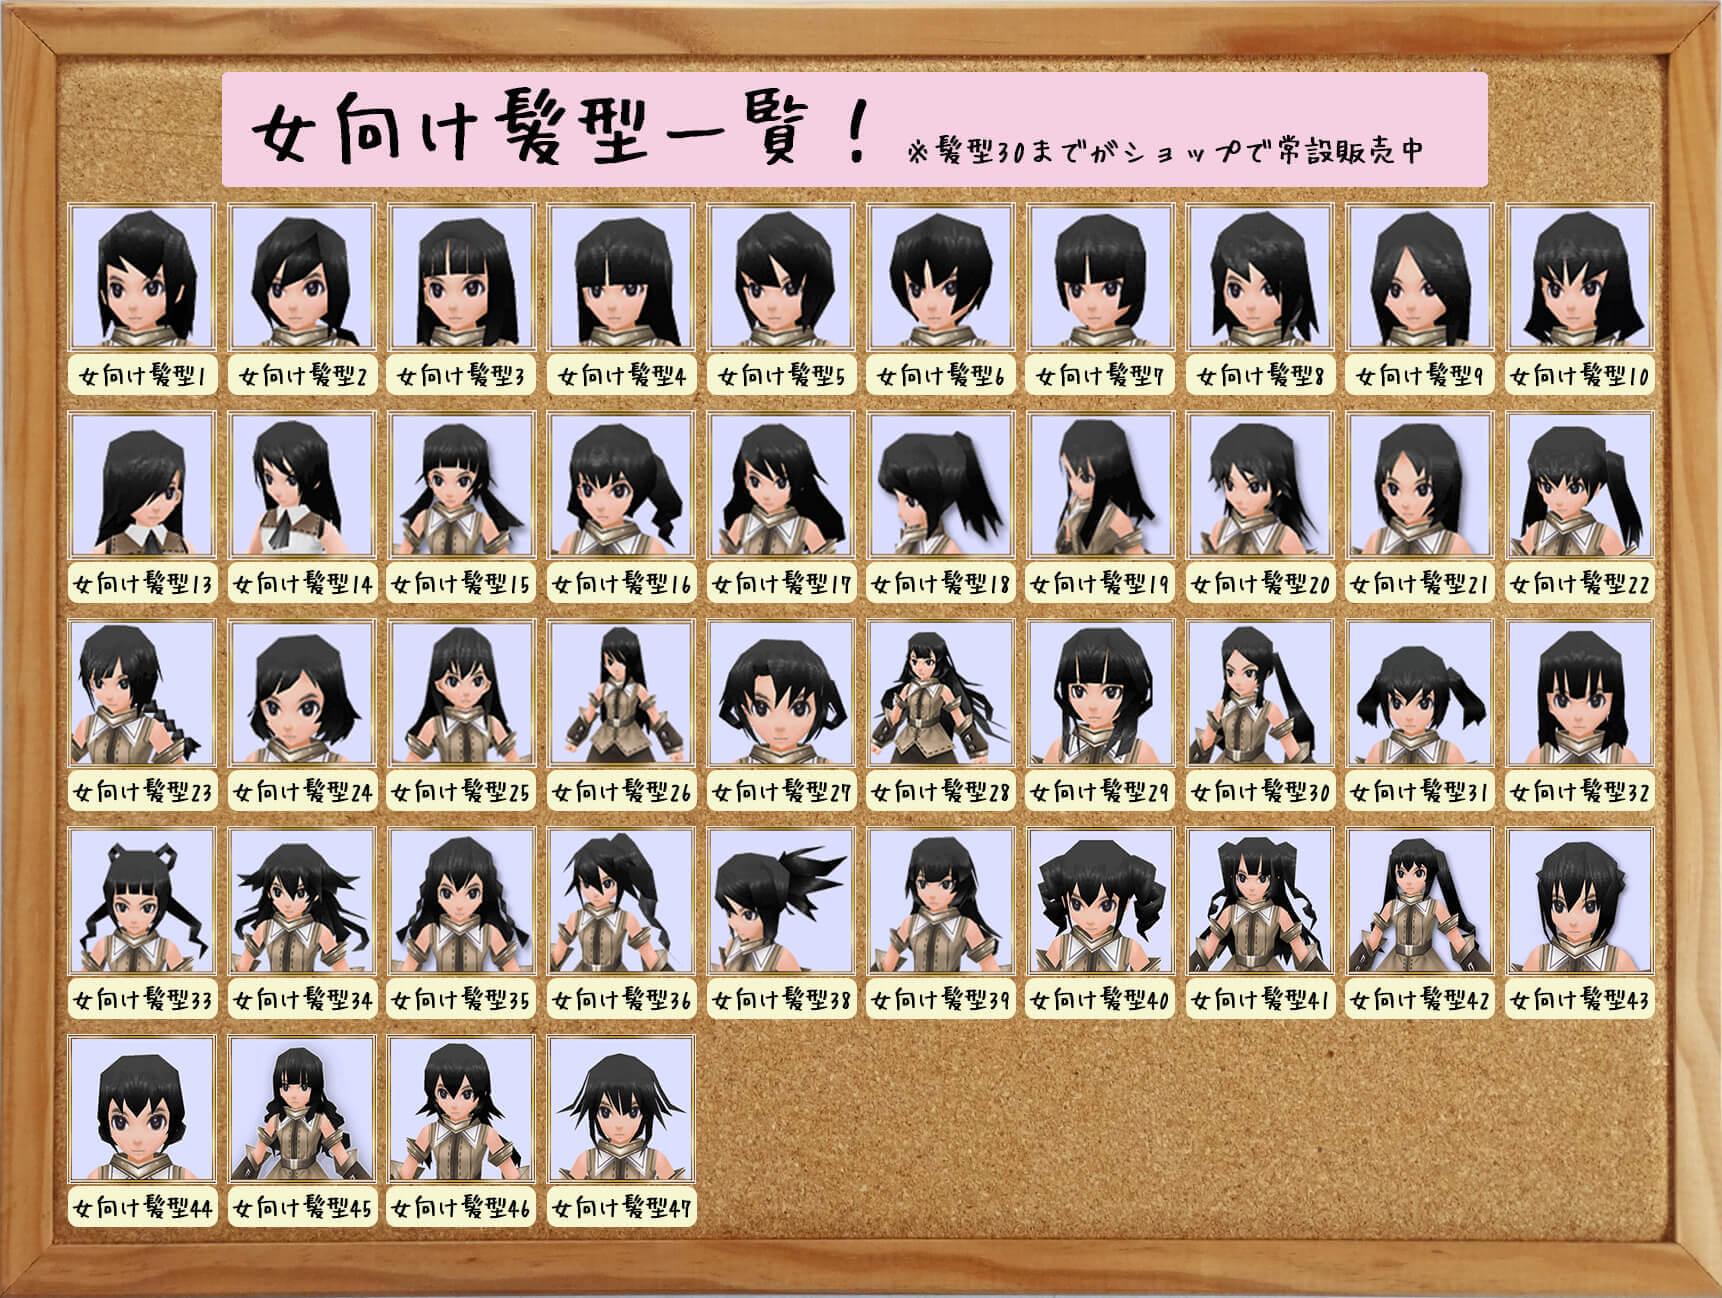 \u203b「女向け髪型14」のことです。